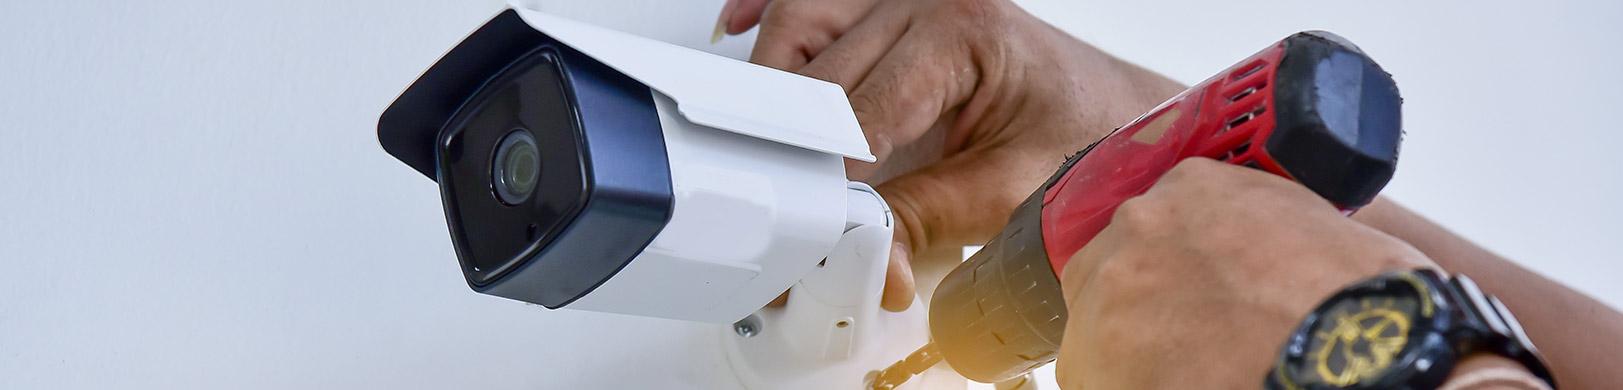 Installation vidéosurveillance à Saint-Laurent-d'Agny